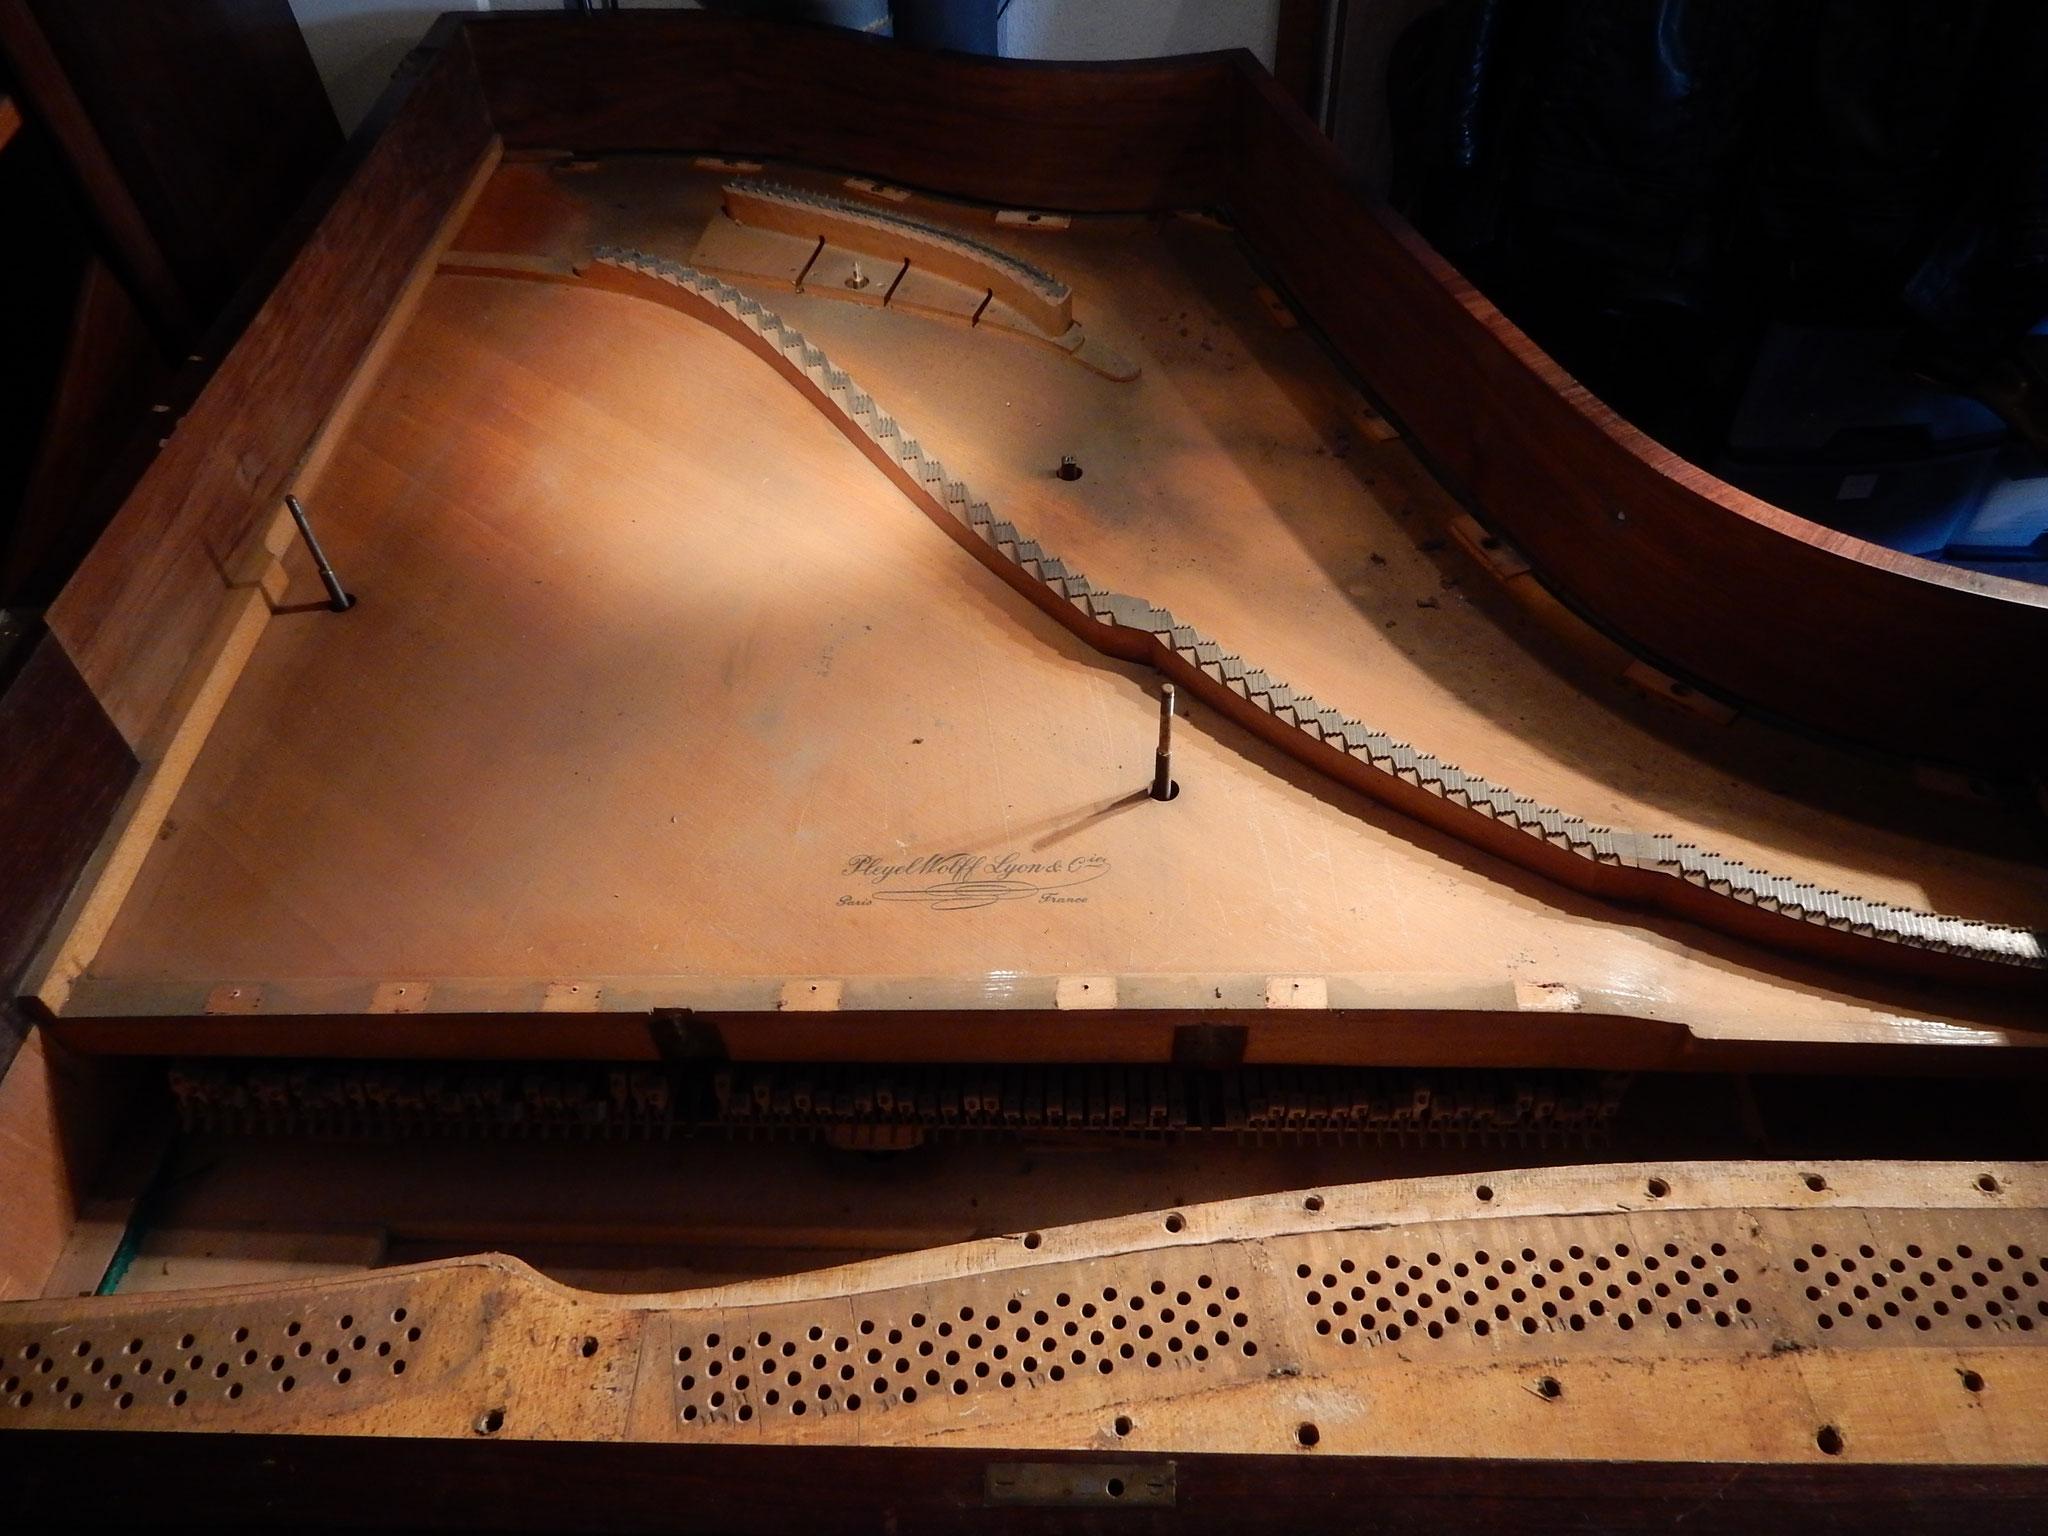 Table d'harmonie avant restauration